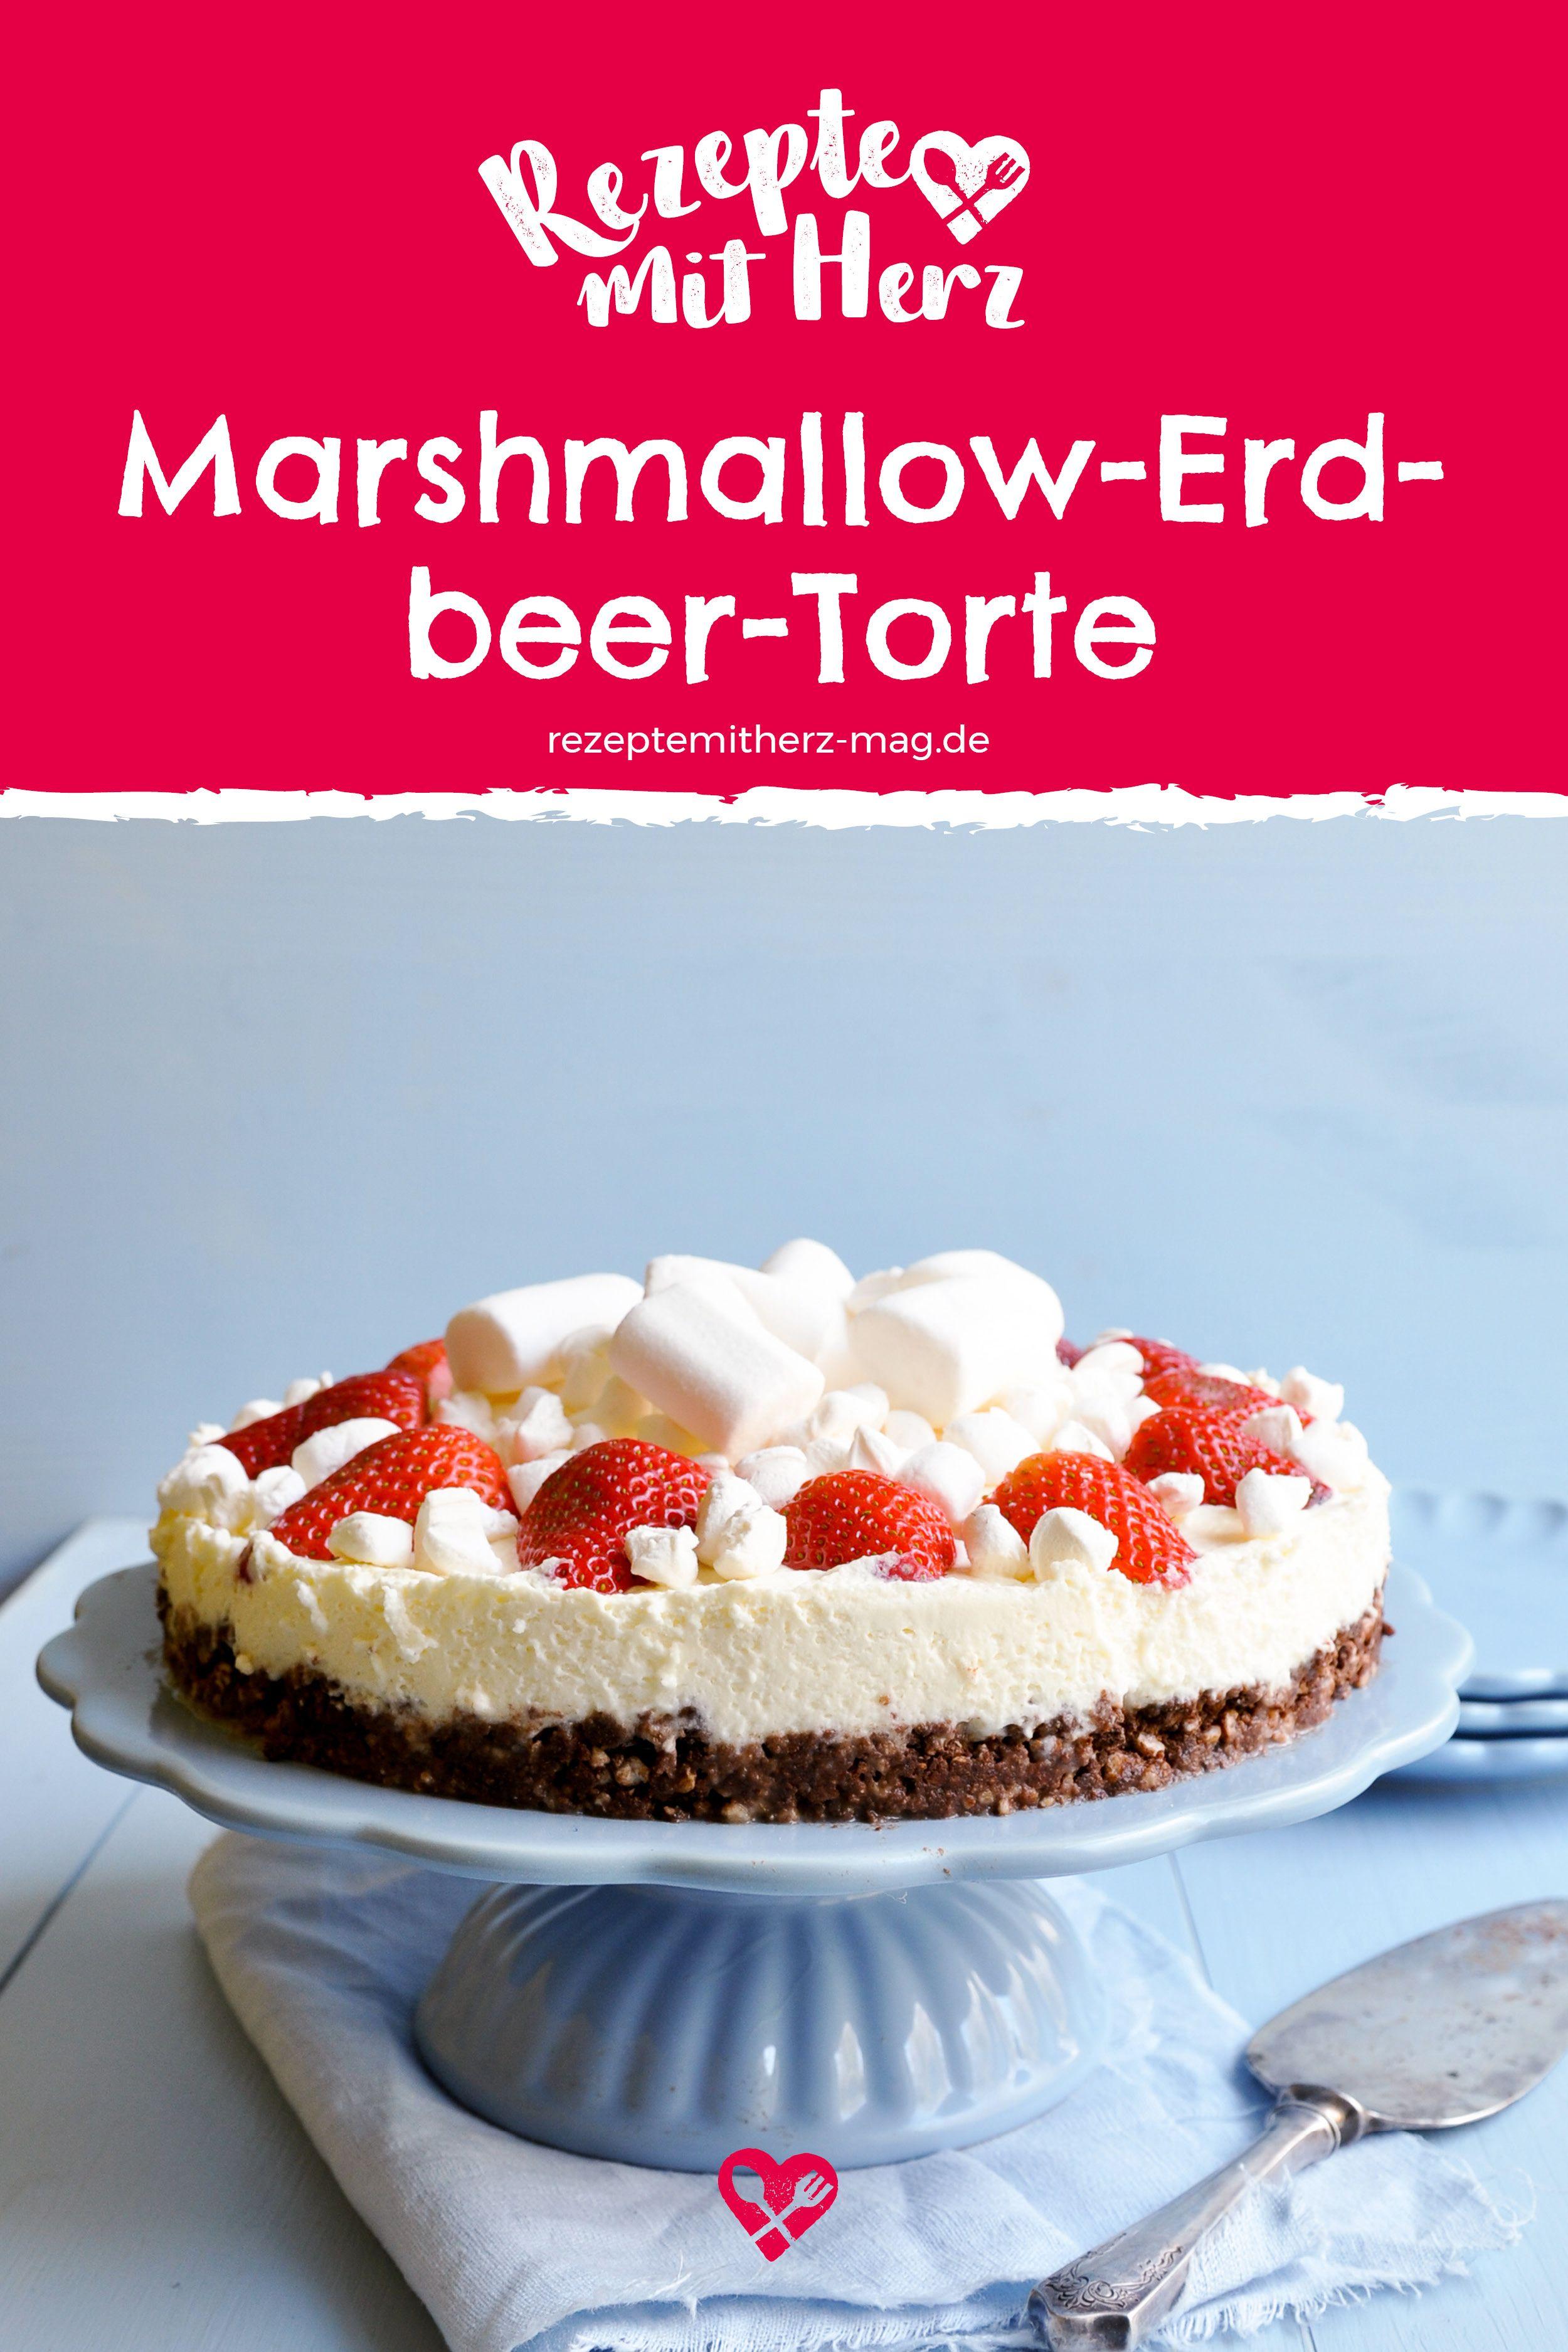 Marshmallow Erdbeer Torte Erdbeertorte Ohne Backen Mit Einem Ganz Besonderen Kick Schnell Und Einfa Backrezepte Kuchen Und Torten Rezepte Lebensmittel Essen